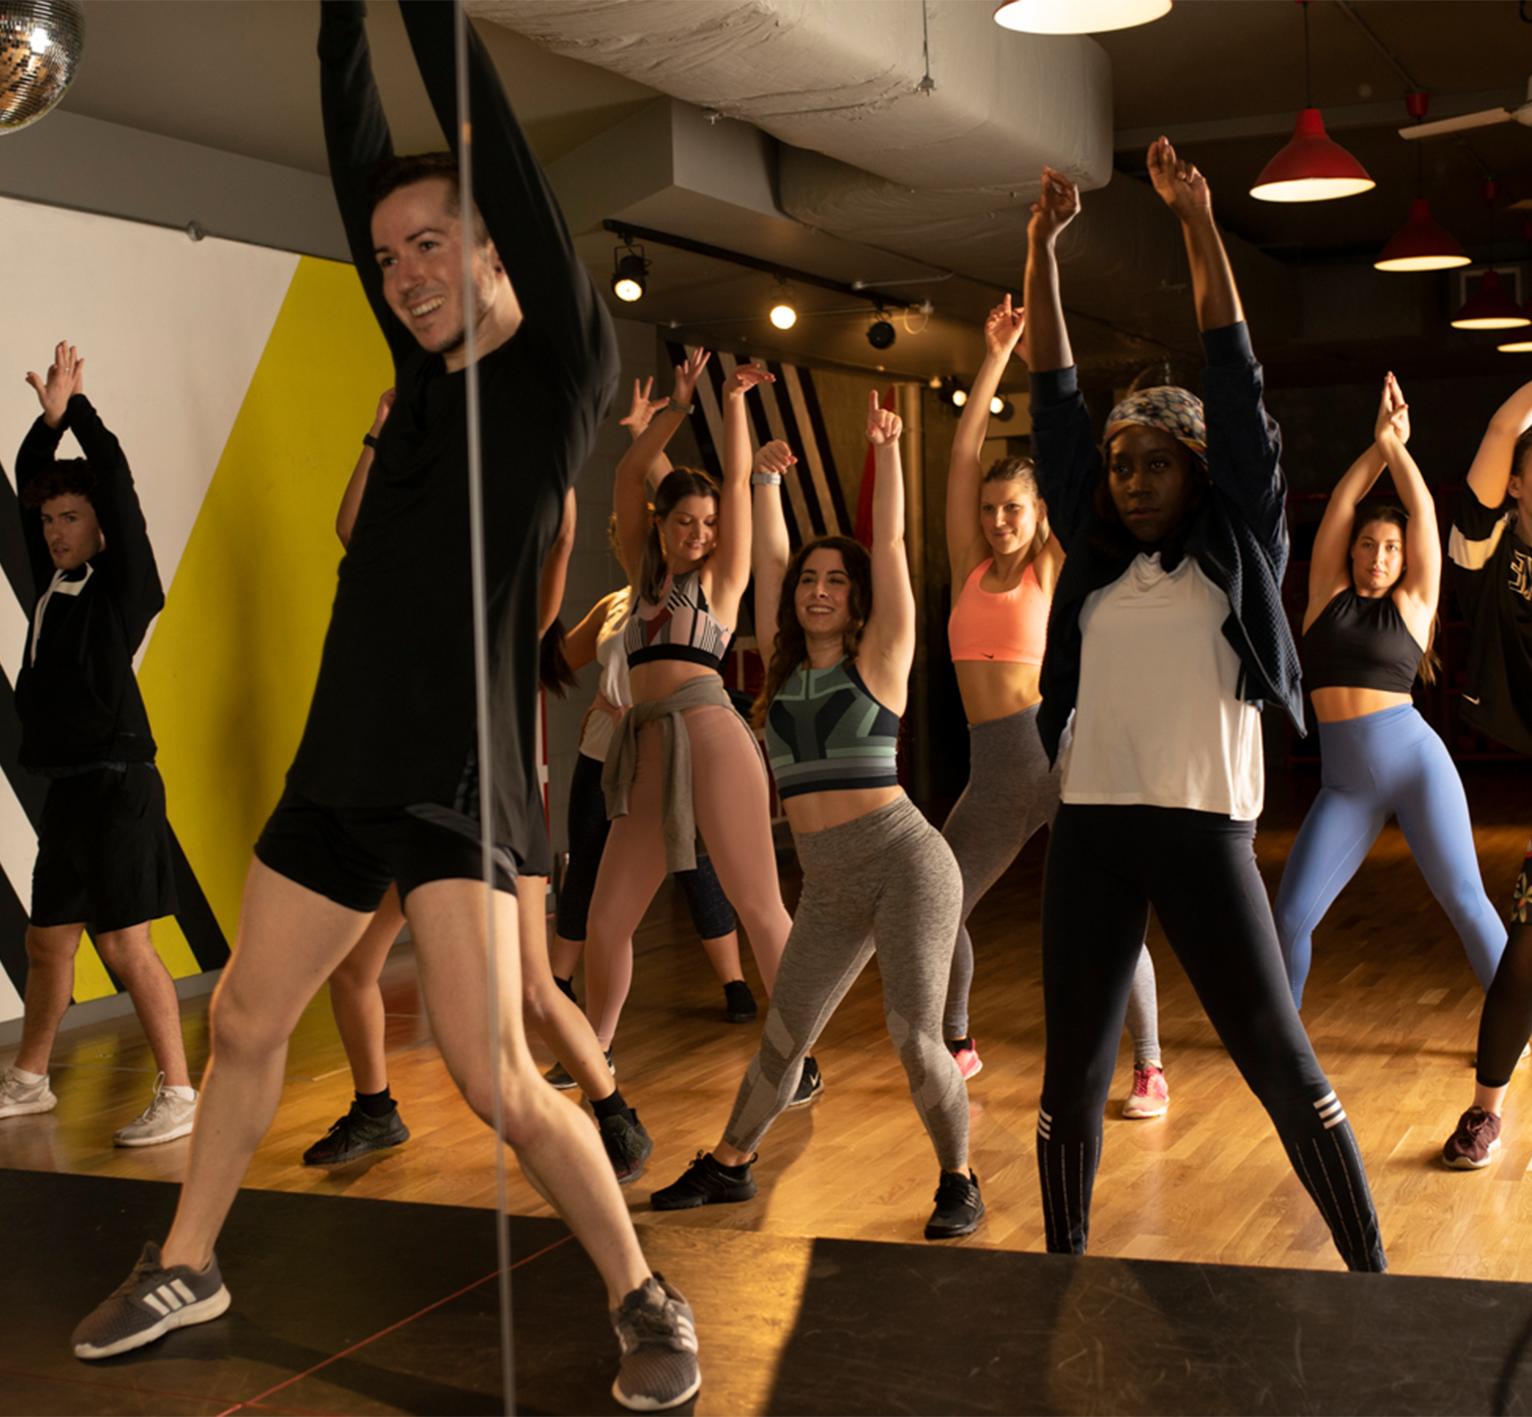 Beginner Music Video Class Dance Fitness Frame